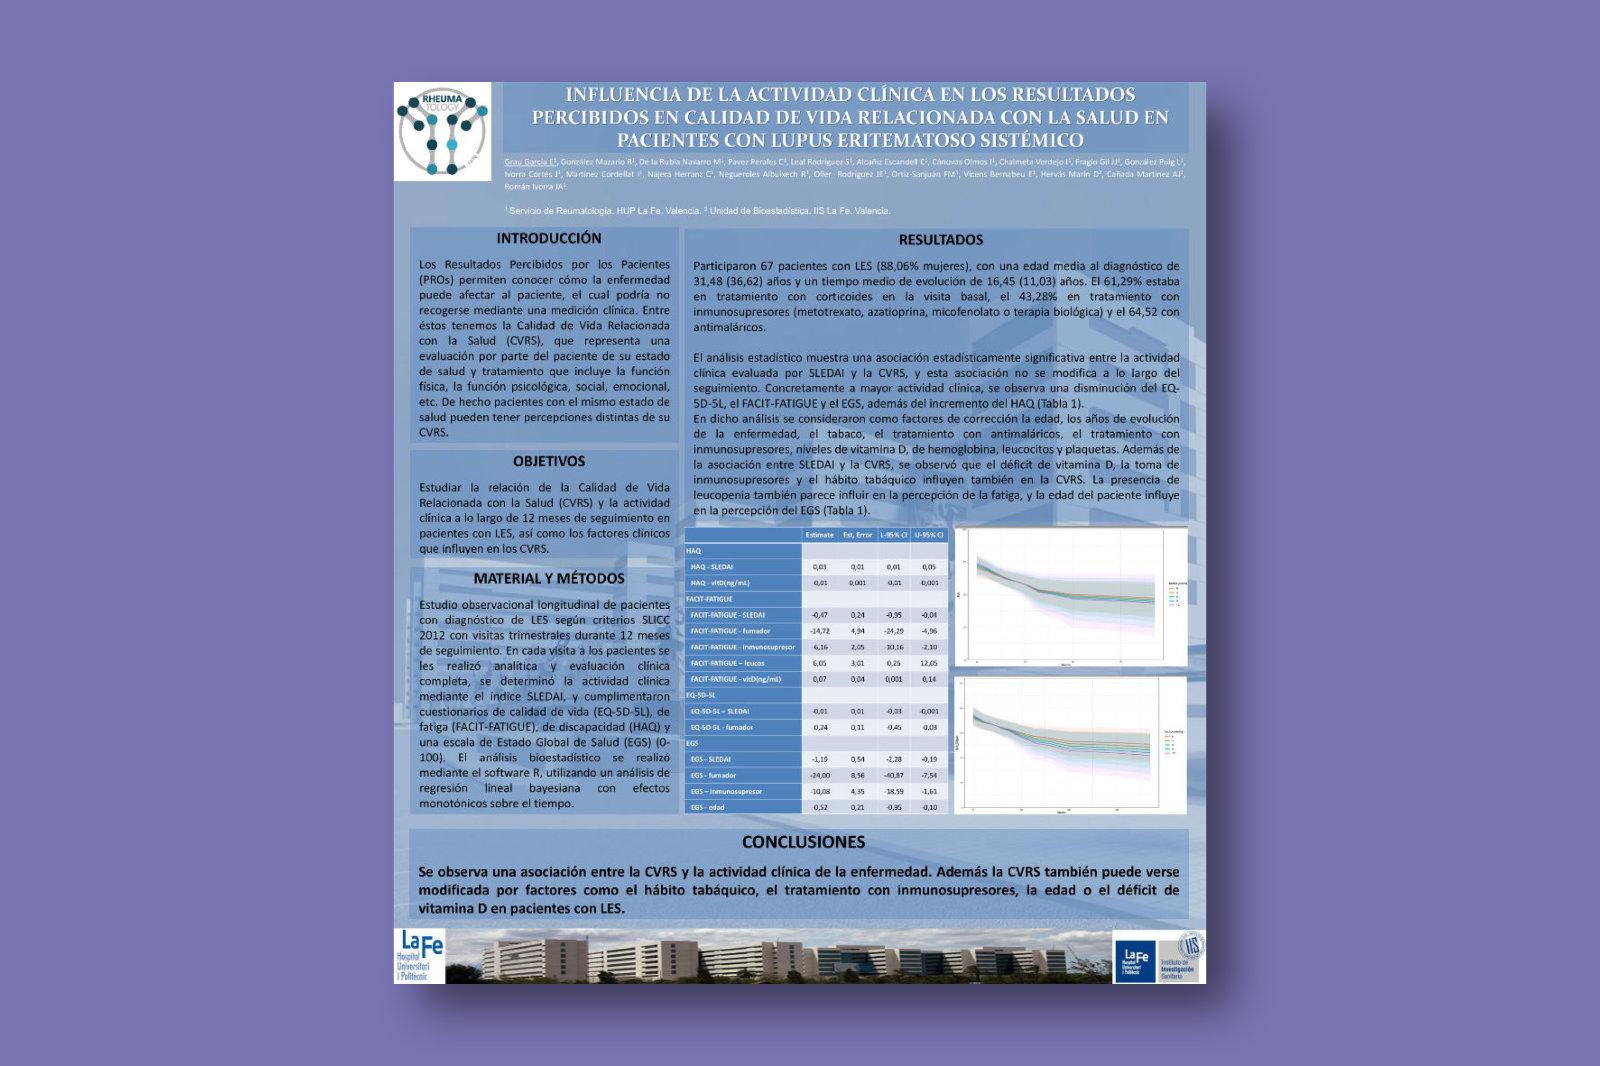 Influencia de la actividad clínica en los resultados percibidos en calidad de vida relacionada con la salud en pacientes con lupus eritematoso sistémico